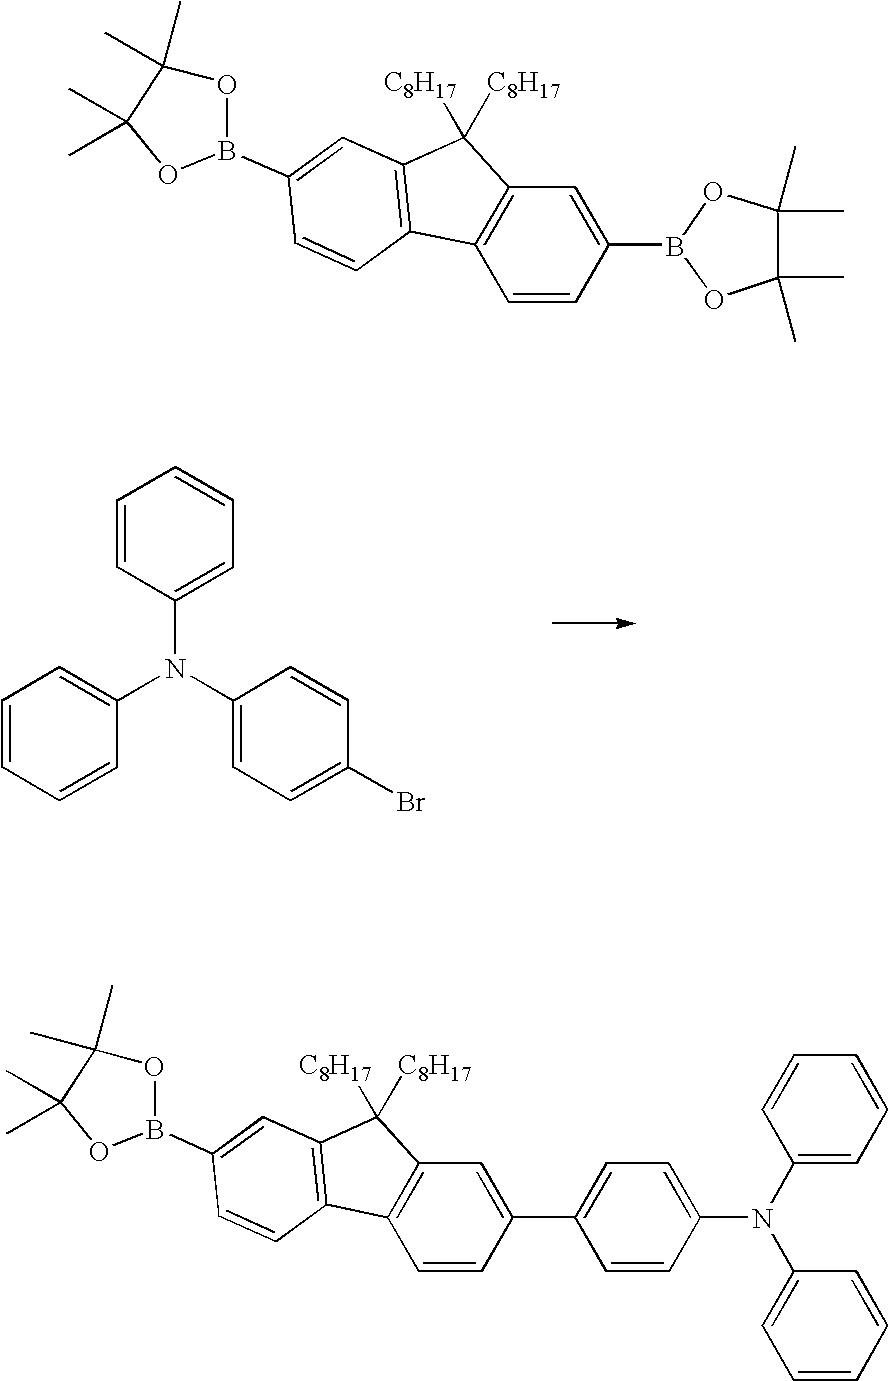 Figure US20040062930A1-20040401-C00061